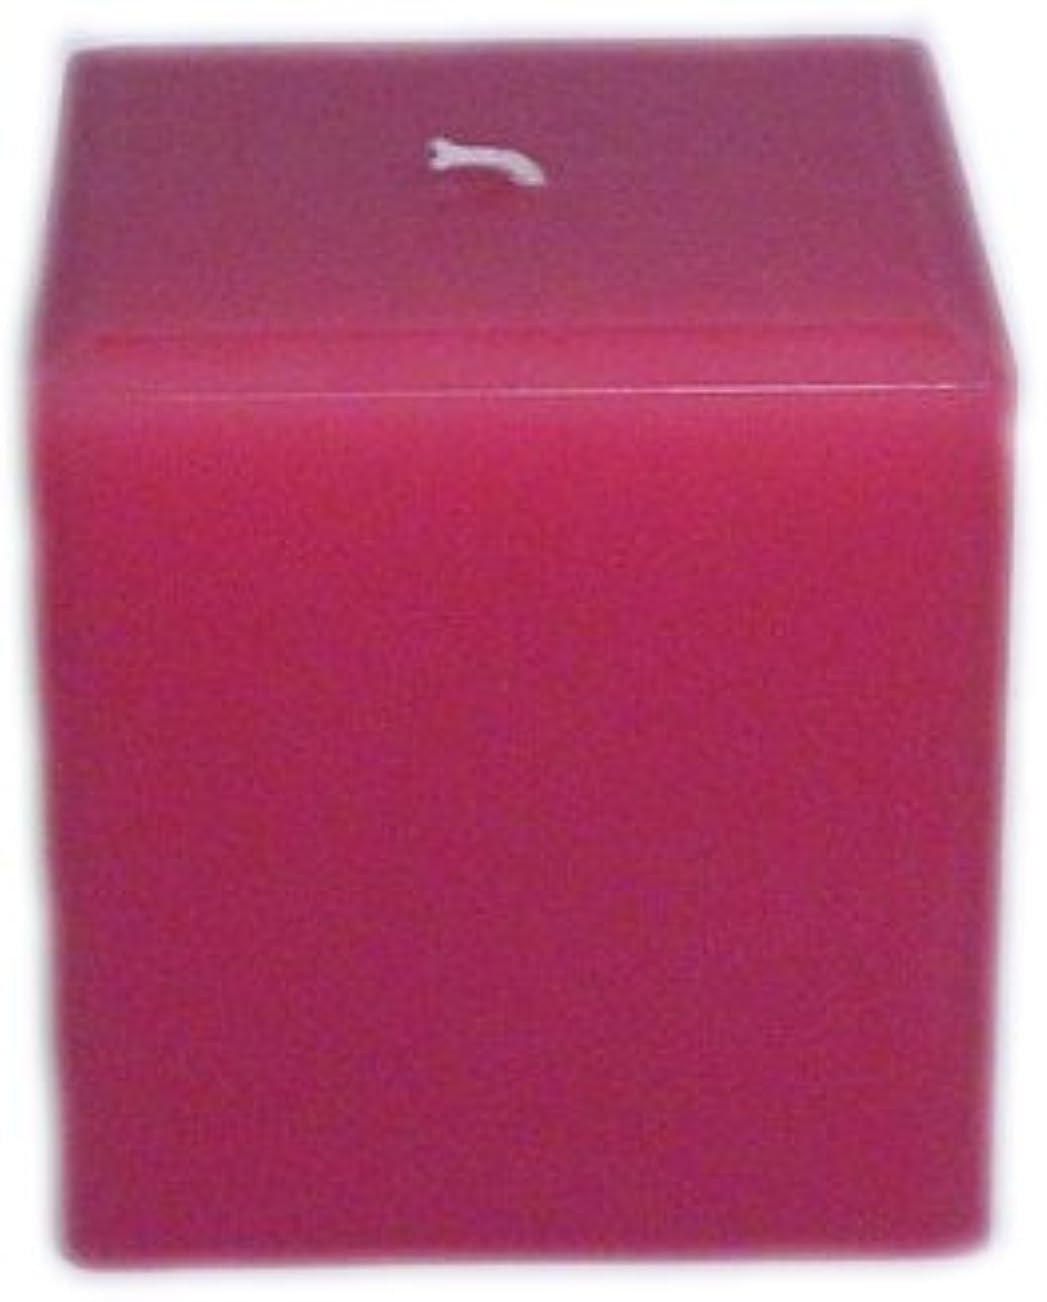 に賛成コーナー成長するTrinity Candle工場 – Caramel Toffee – Pillar Candle – 正方形 – 4 x 4